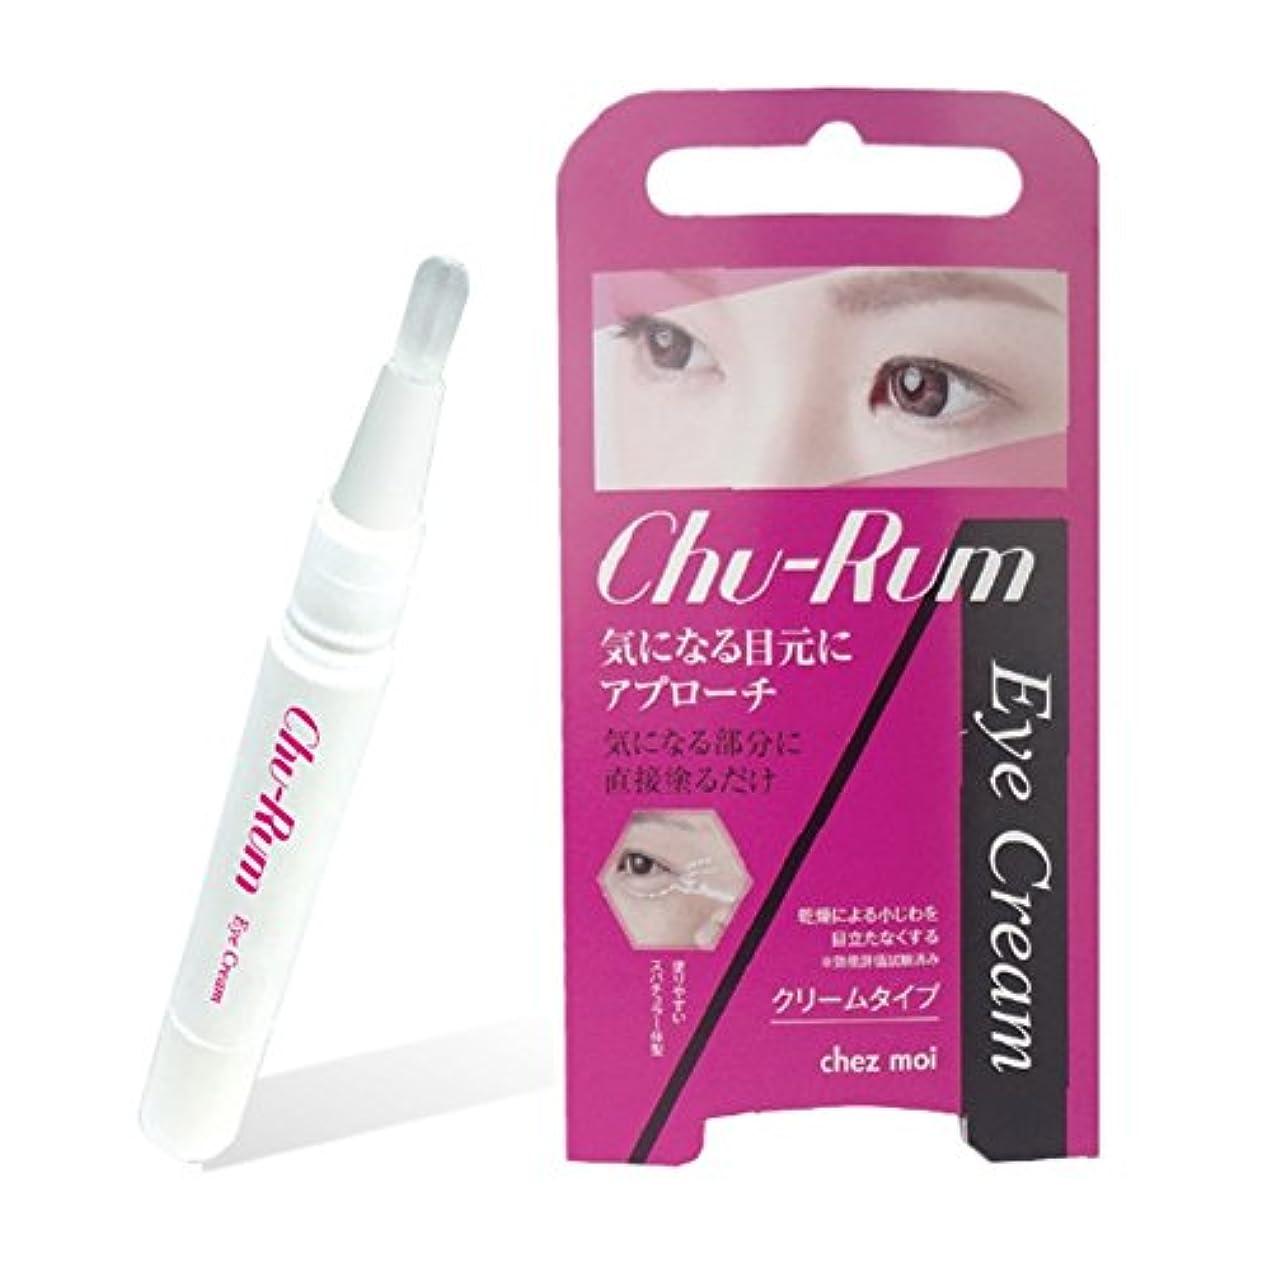 震えるジャグリングシェモア Chu-Rum(チュルム) Eye Cream(アイクリーム)